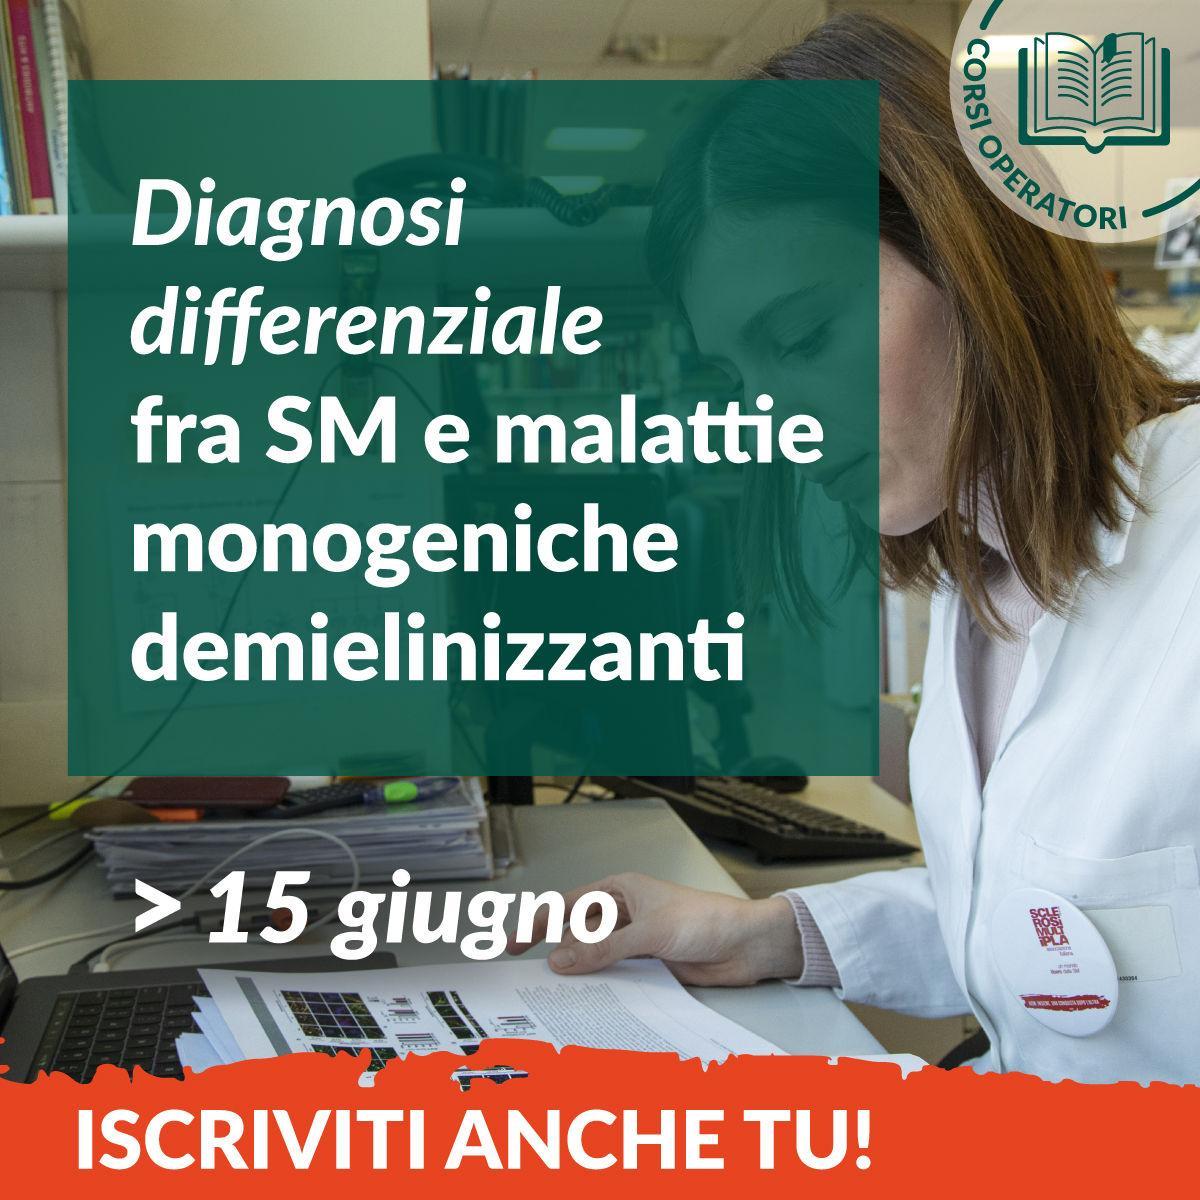 La diagnosi differenziale fra sclerosi multipla e malattie monogeniche demielinizzanti